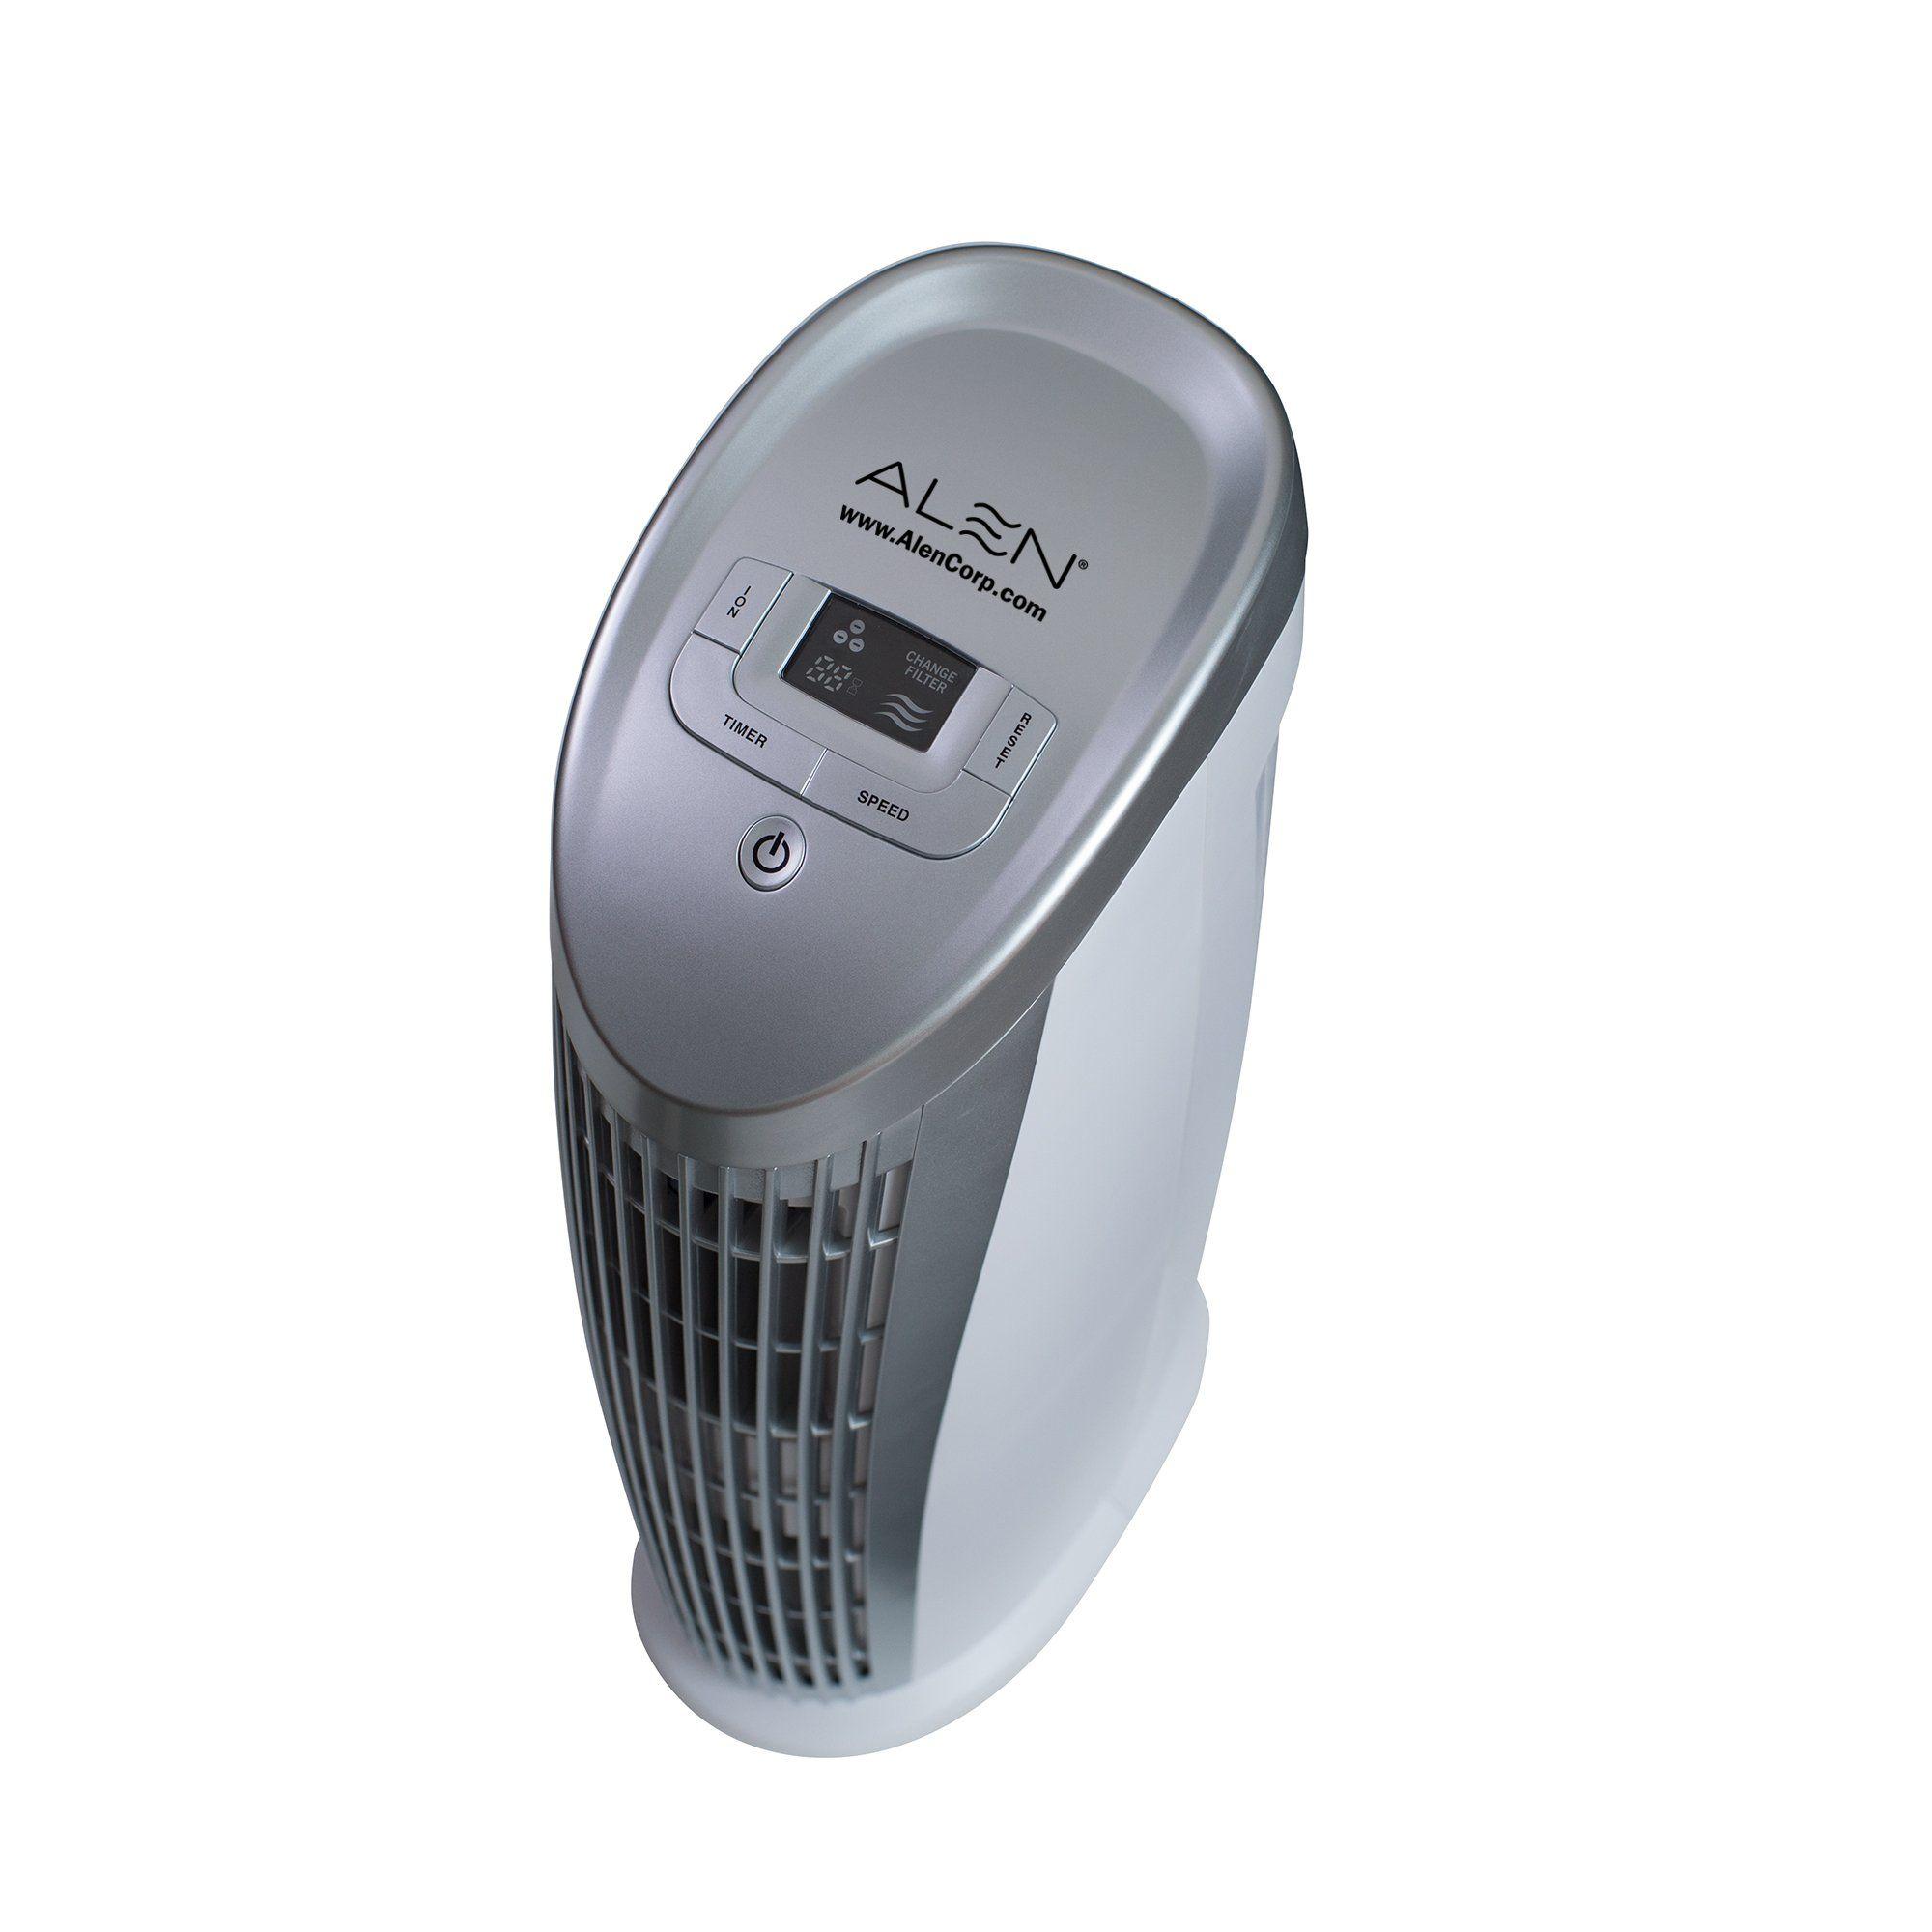 Alen T500 Nurture SmartBundle with AllergenReducing 22Inch